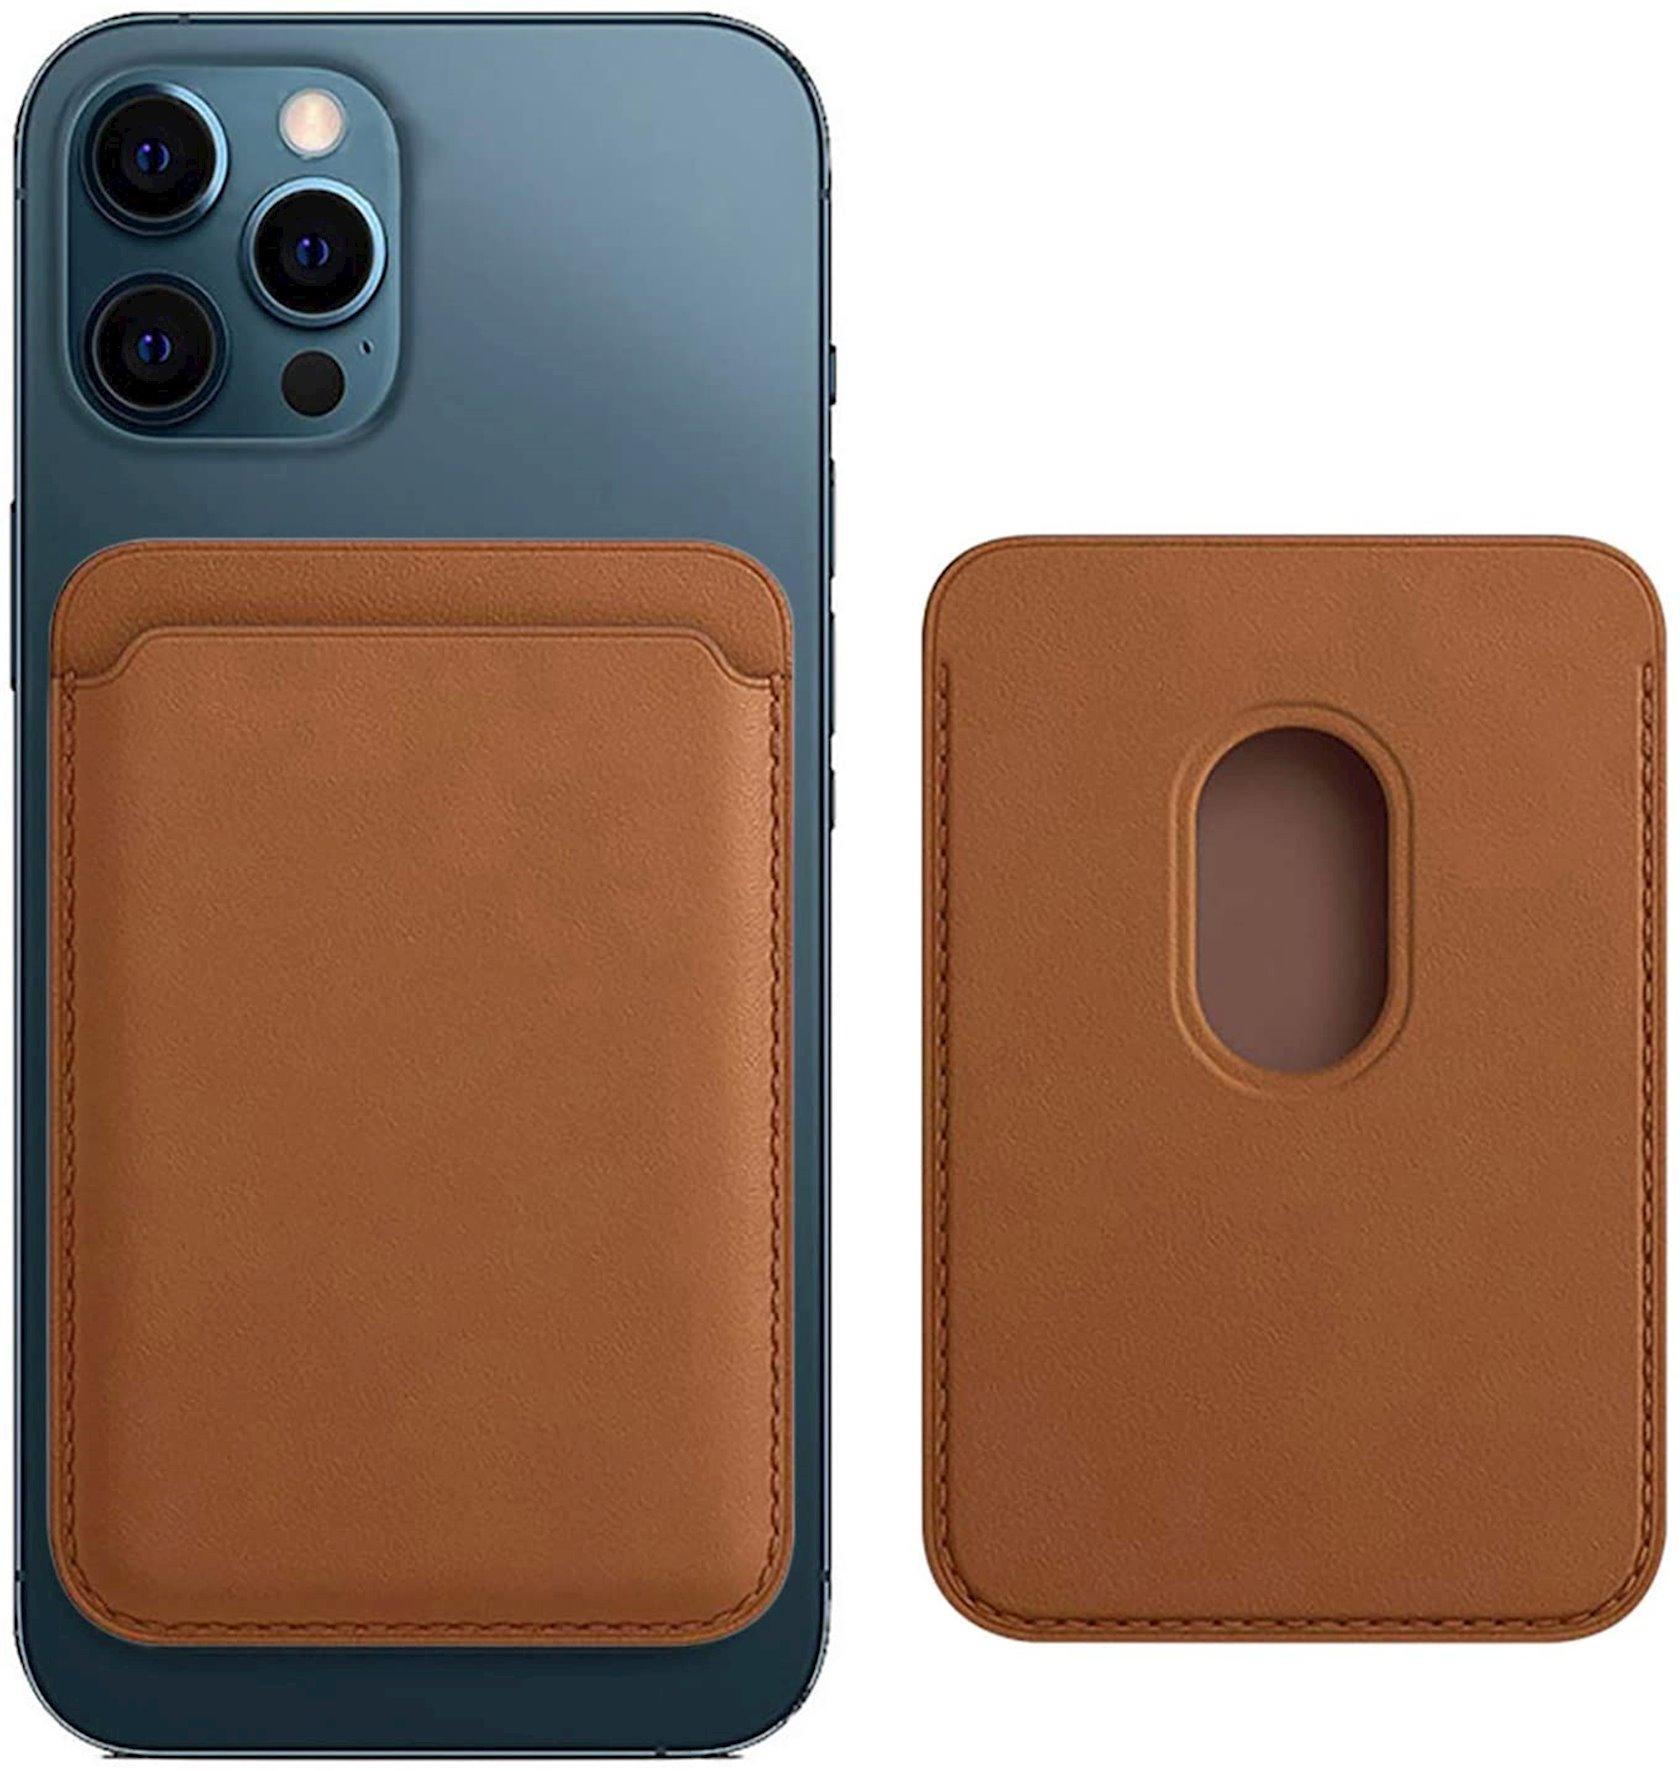 Dəri cib MagSafe Apple iPhone  12 Series üçün Saddle Brown